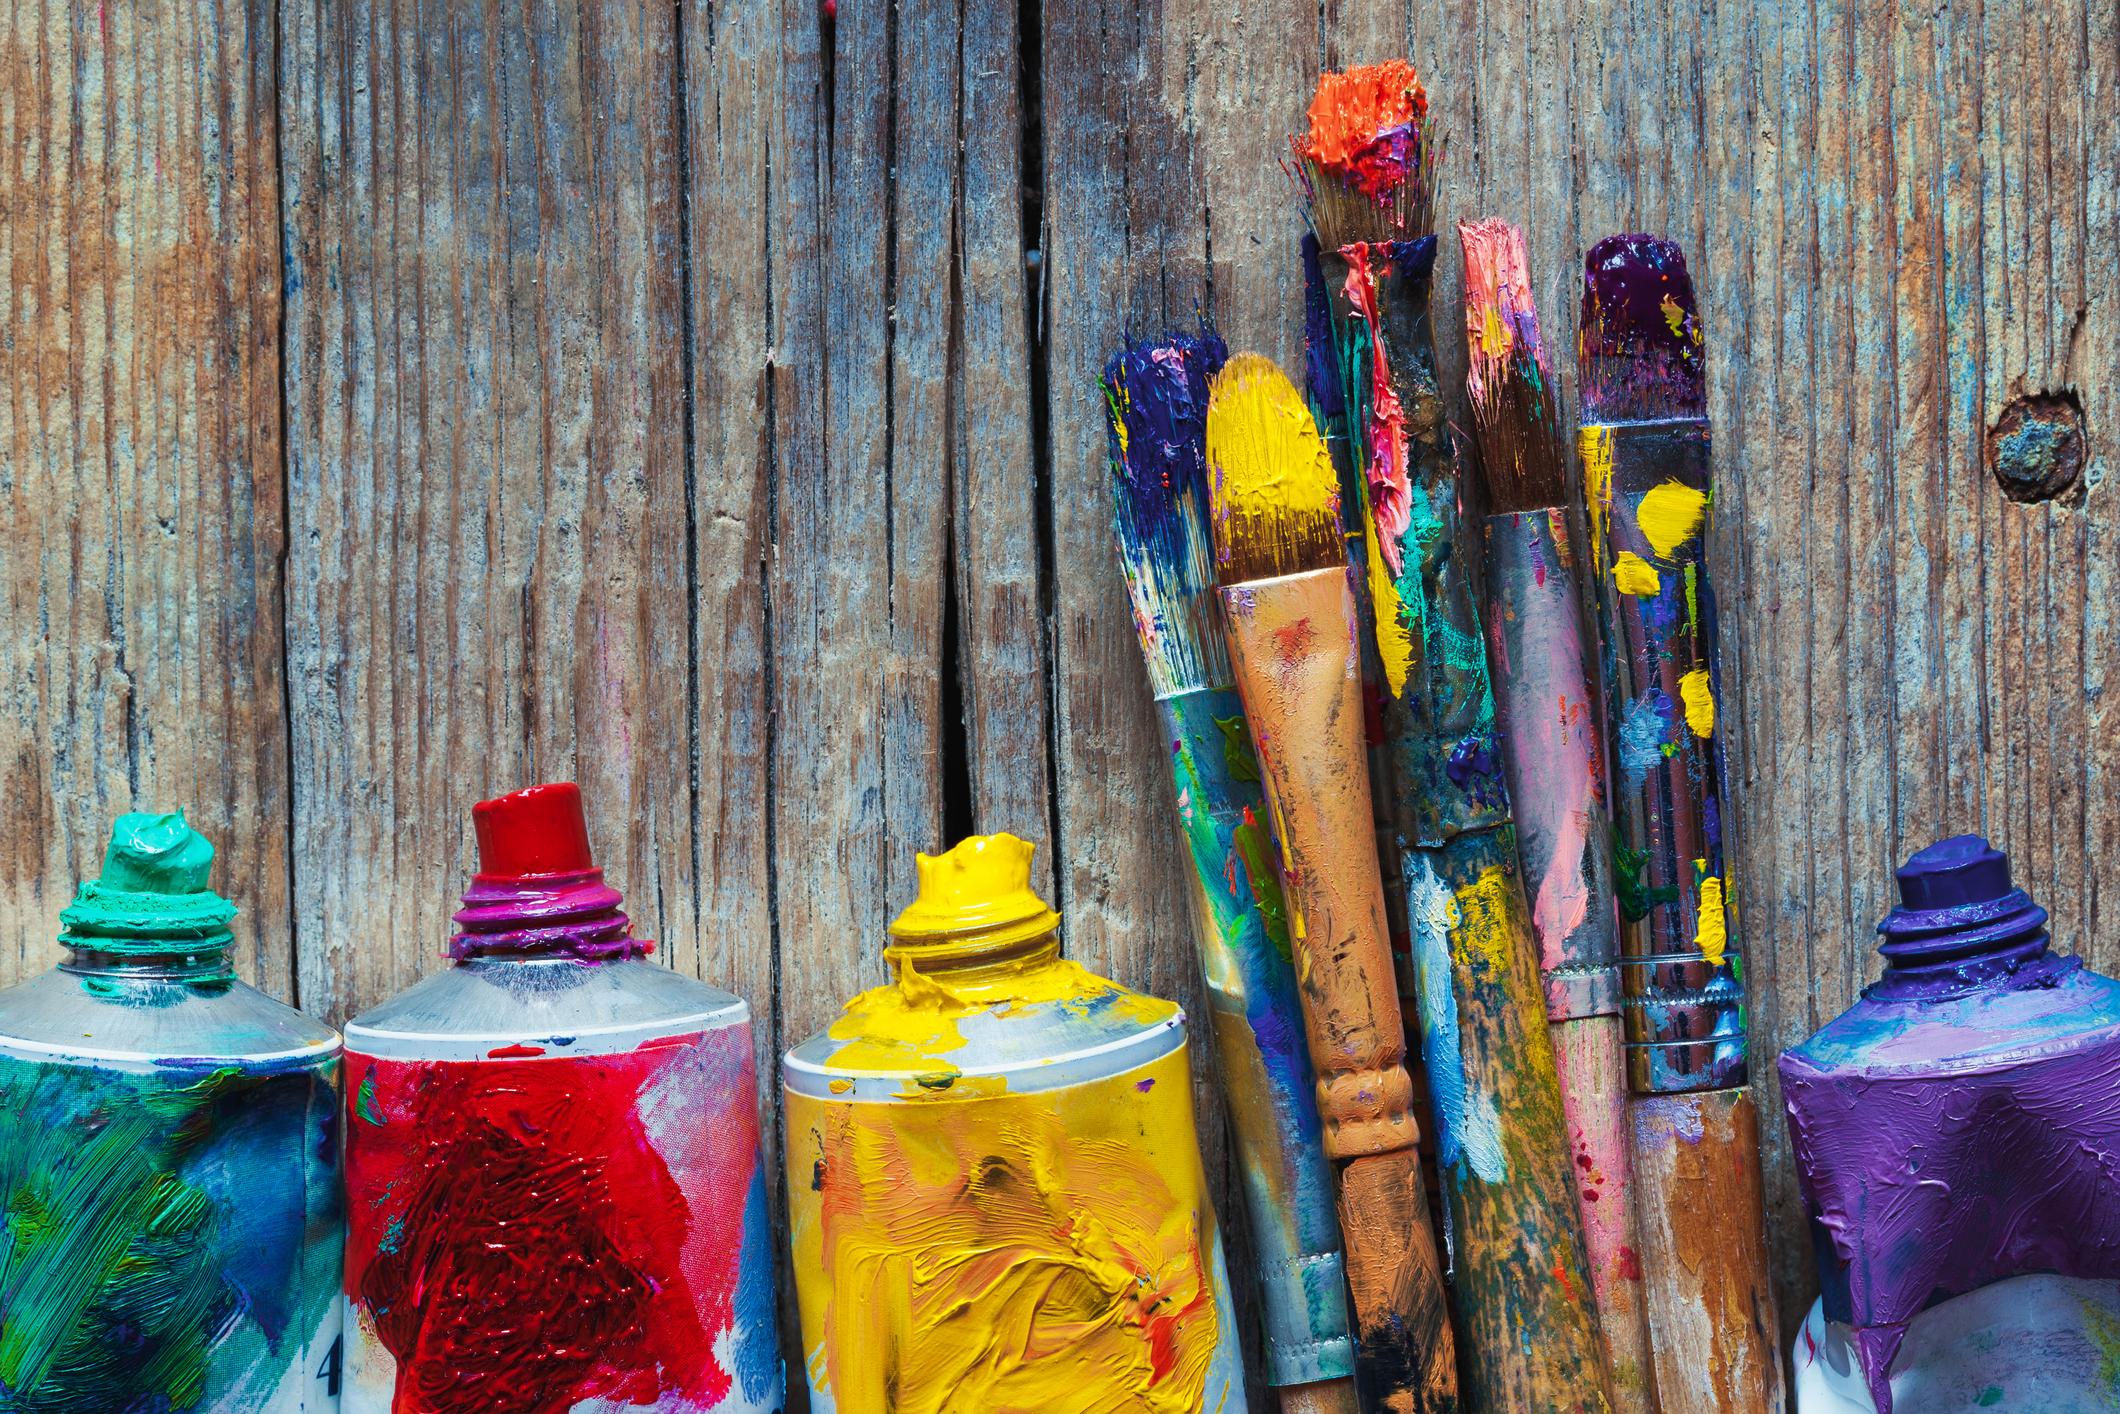 Fristen, Künstlersozialabgabe: Entgelte für Künstlersozialabgabe 2020 sind bis 31. März 2021 zu melden